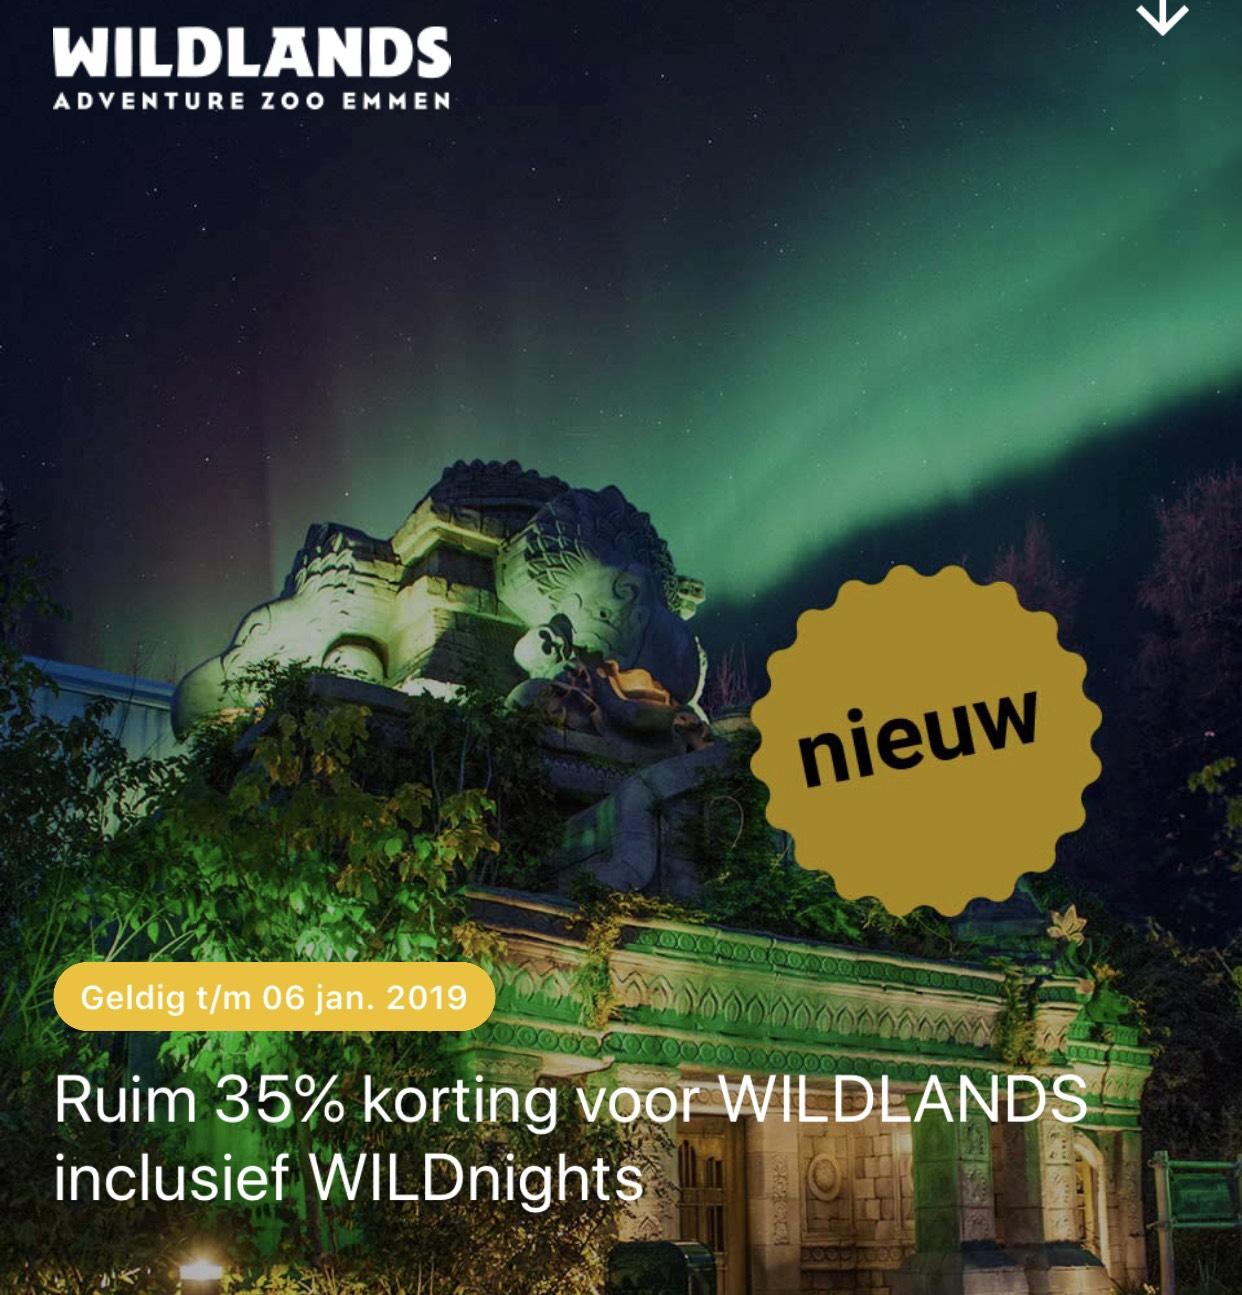 35% korting op Wildlands